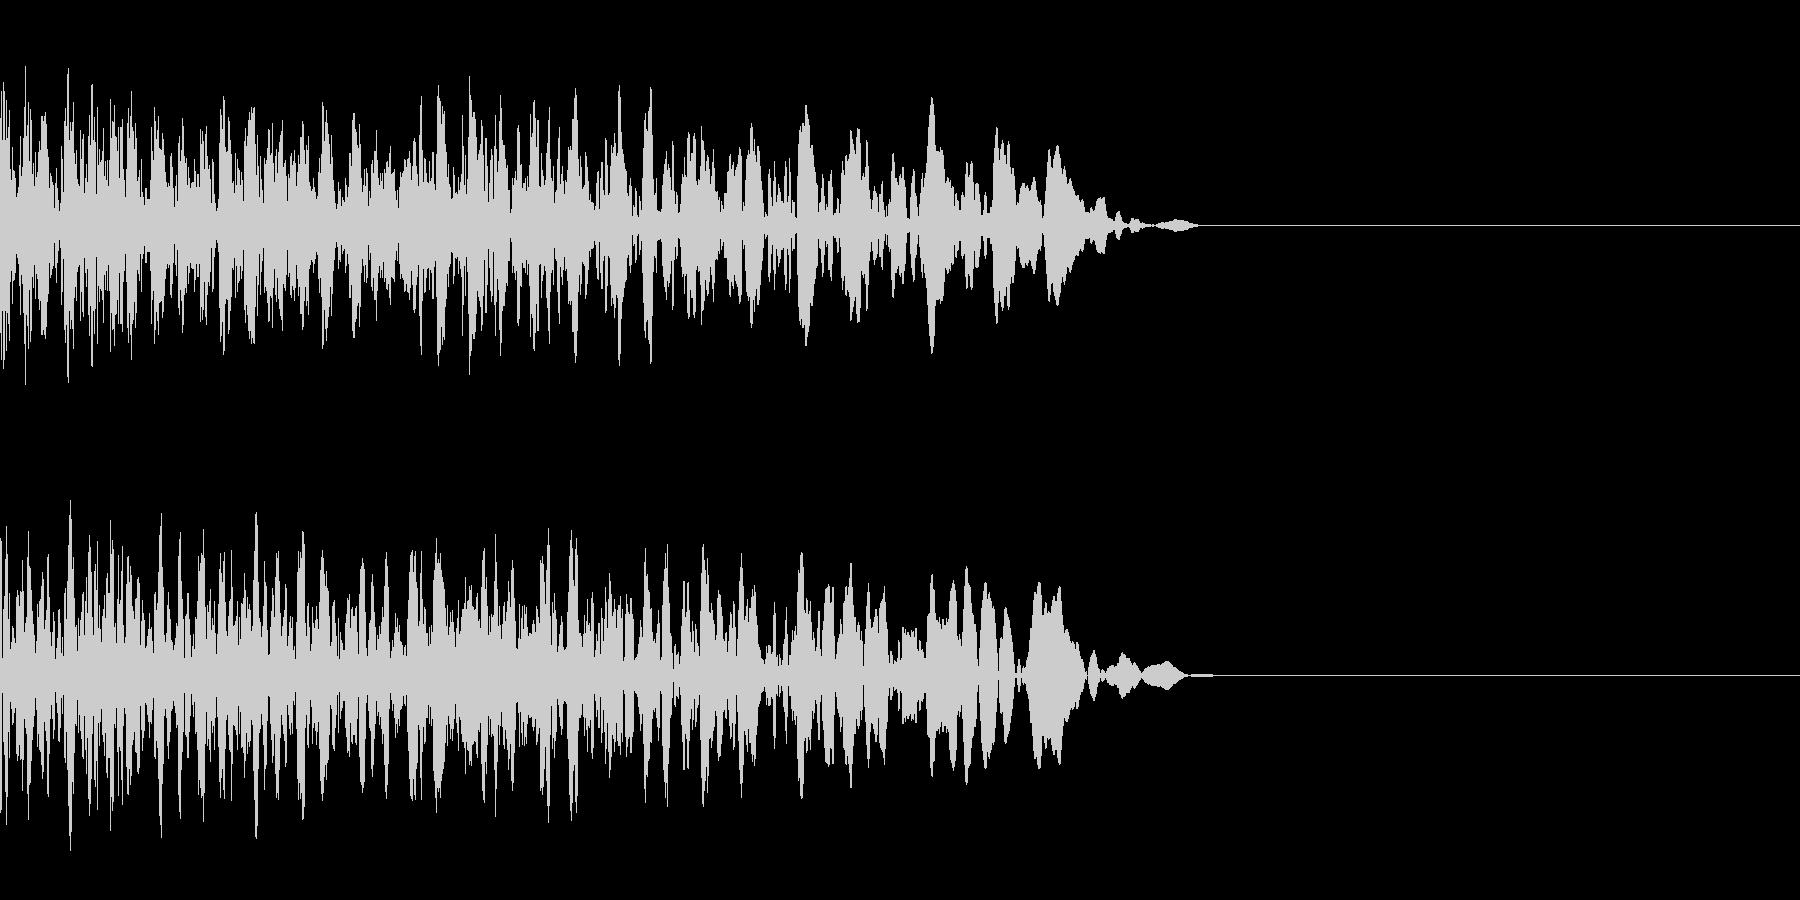 ギューン:テープストップの音の未再生の波形